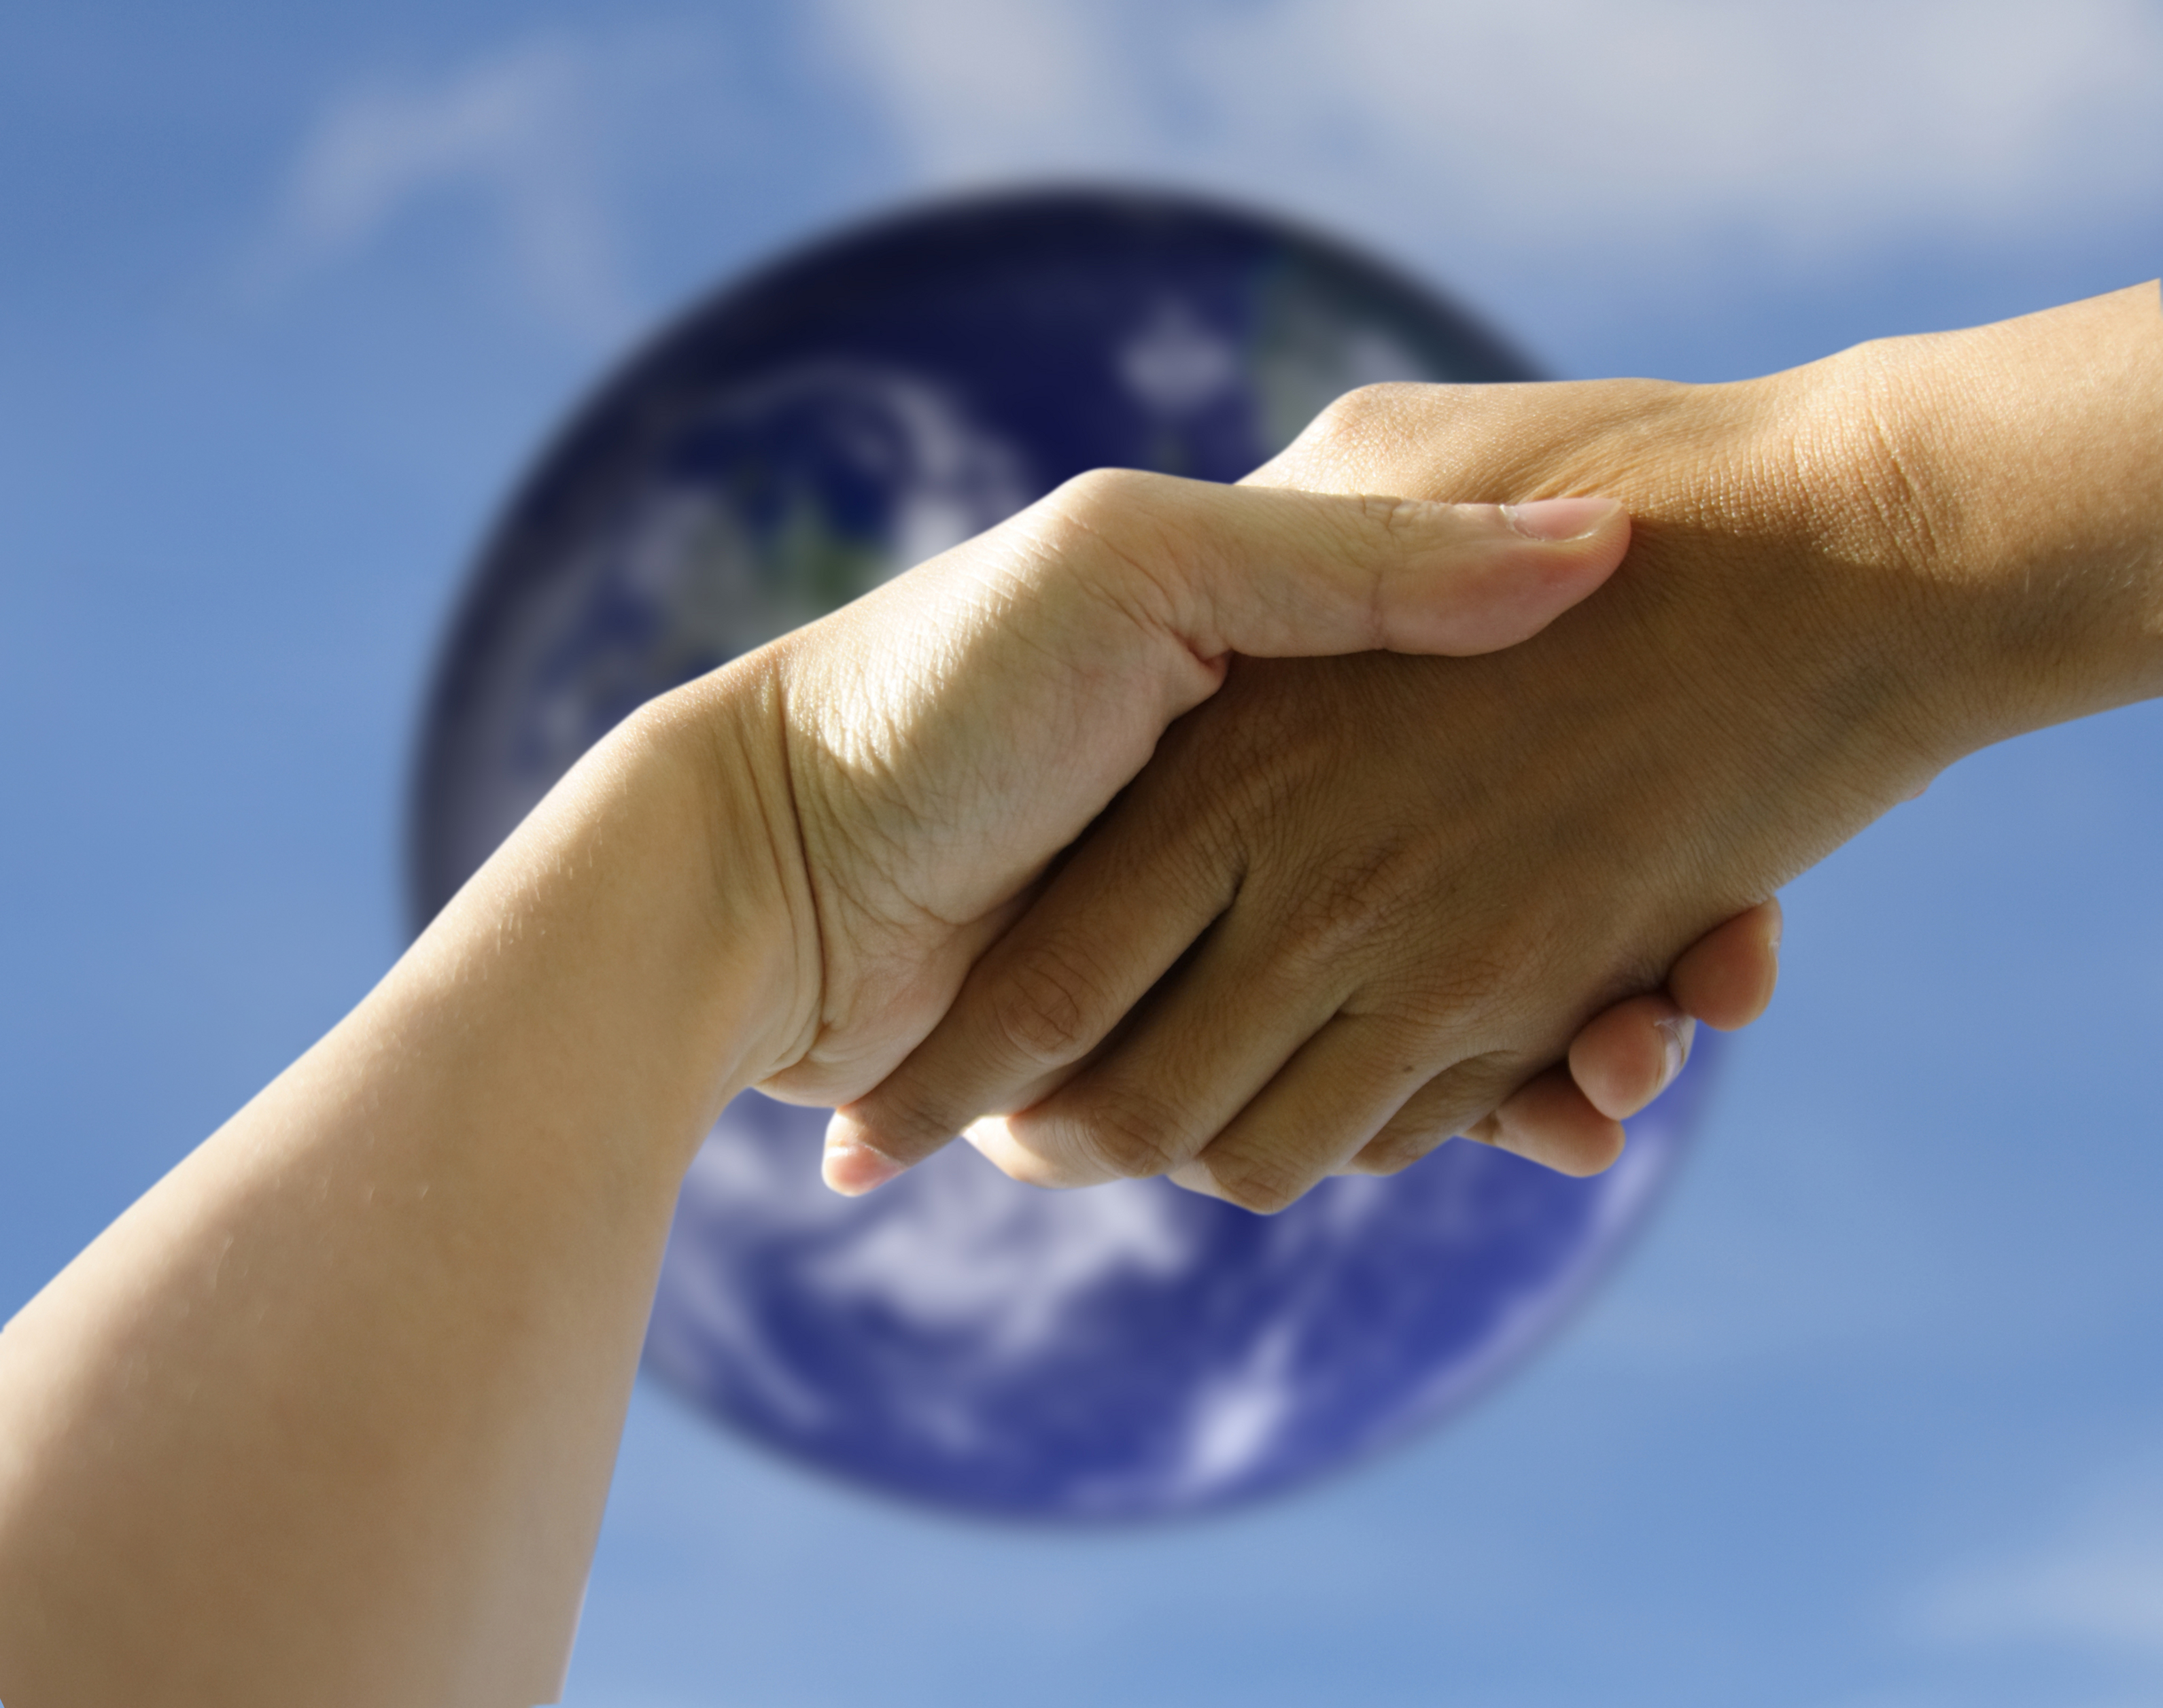 Pr ximo seminario c mo buscar seleccionar y evaluar agentes comerciales en europa itc itc for Como buscar distribuidores